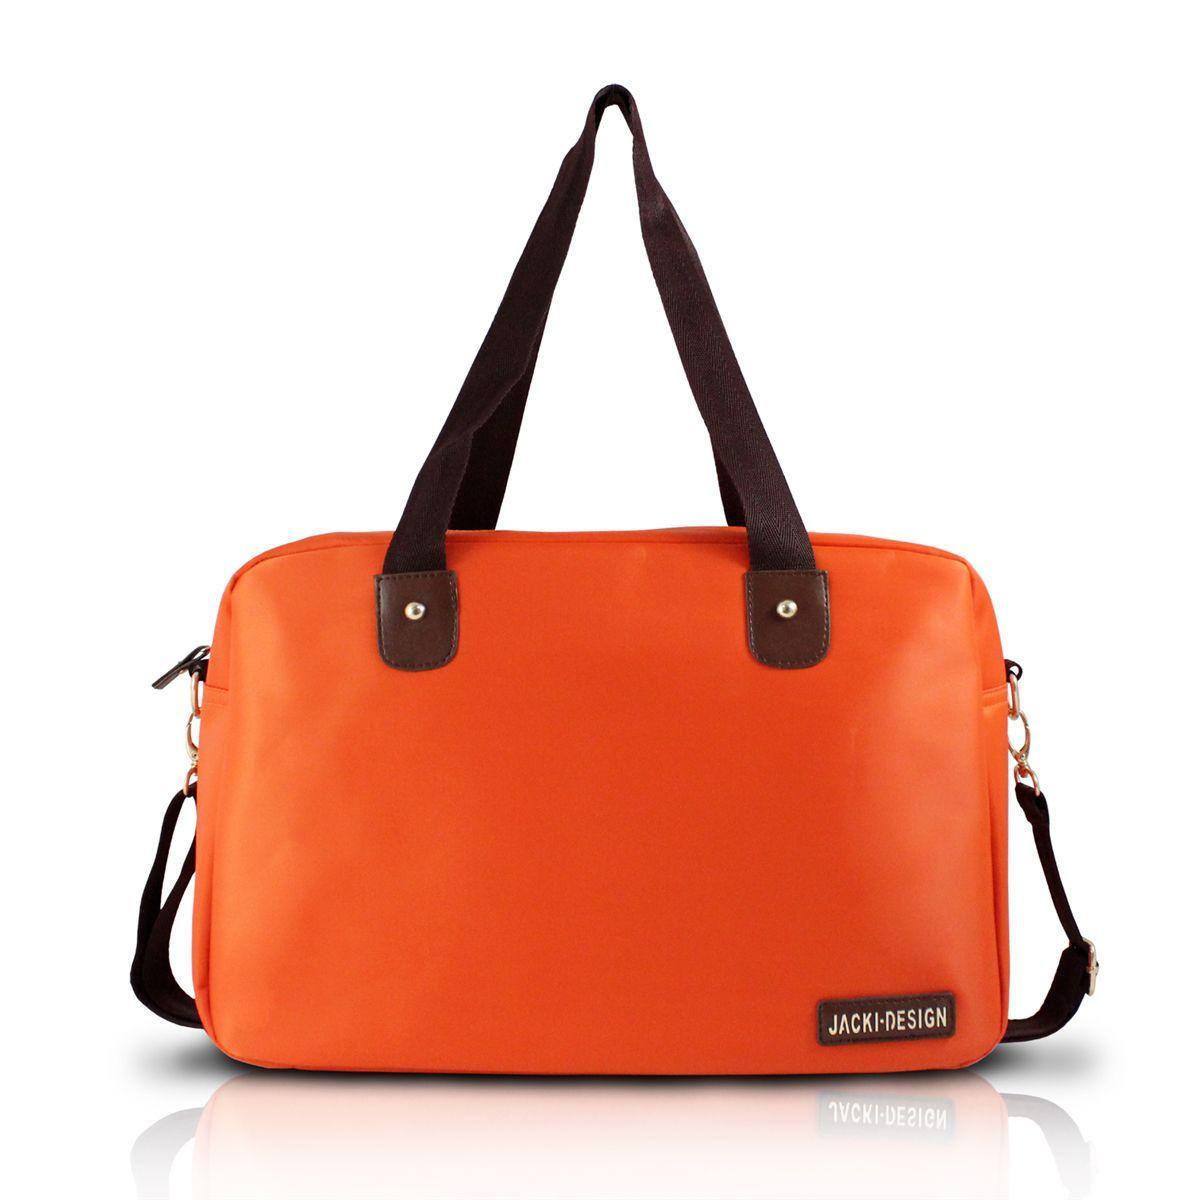 348ac06b6 Bolsa para viagem academia grande com alça regulável lisa jacki design  laranja R$ 76,88 à vista. Adicionar à sacola